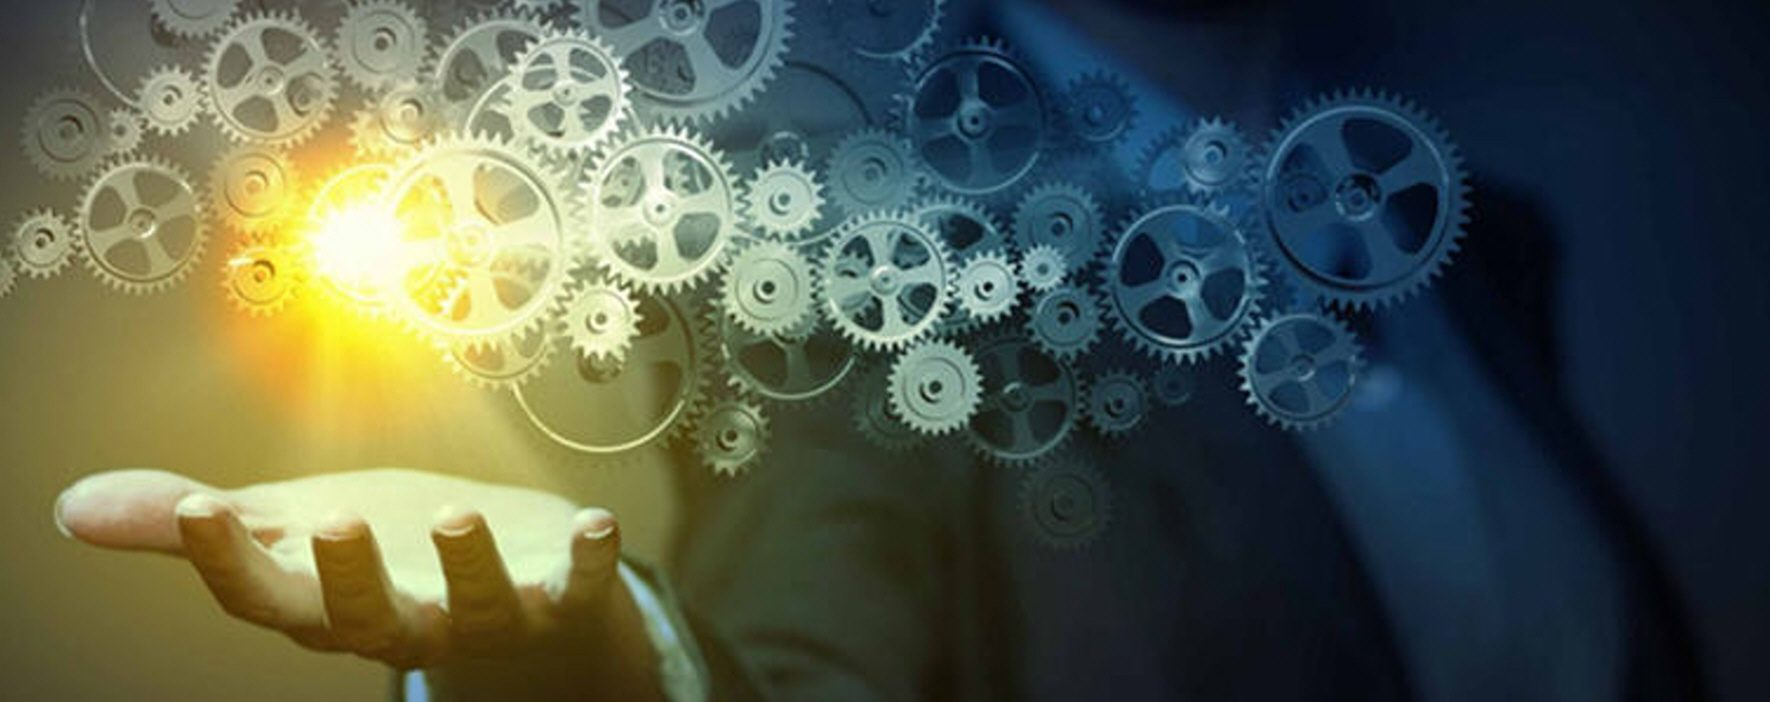 FEMISE: Comment réussir le défi de l'innovation au Maghreb?